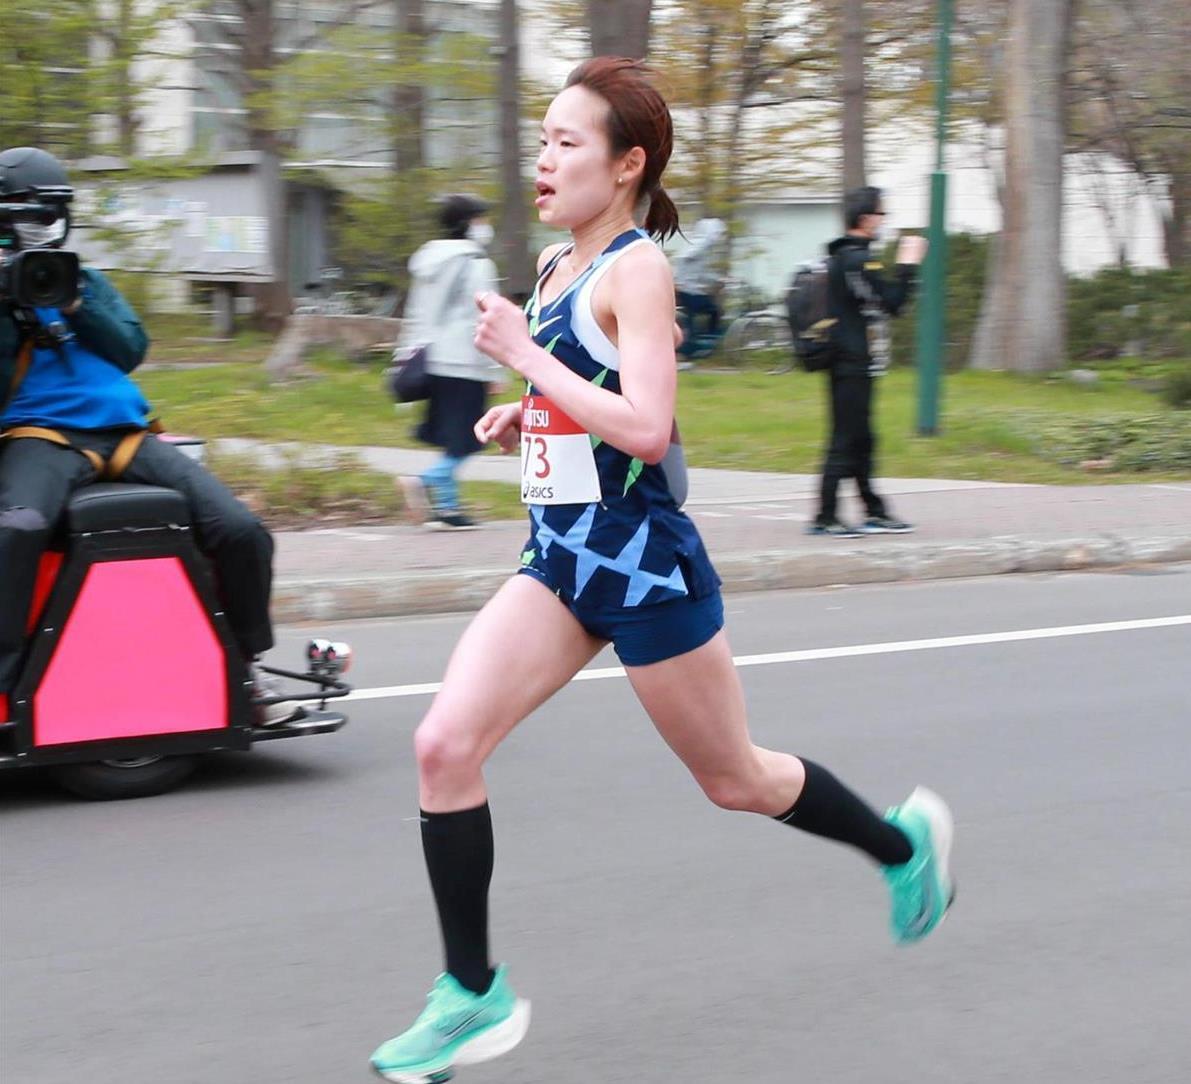 北大構内を女子のトップで走る一山麻緒=5日、札幌市内(鳥越瑞絵撮影)